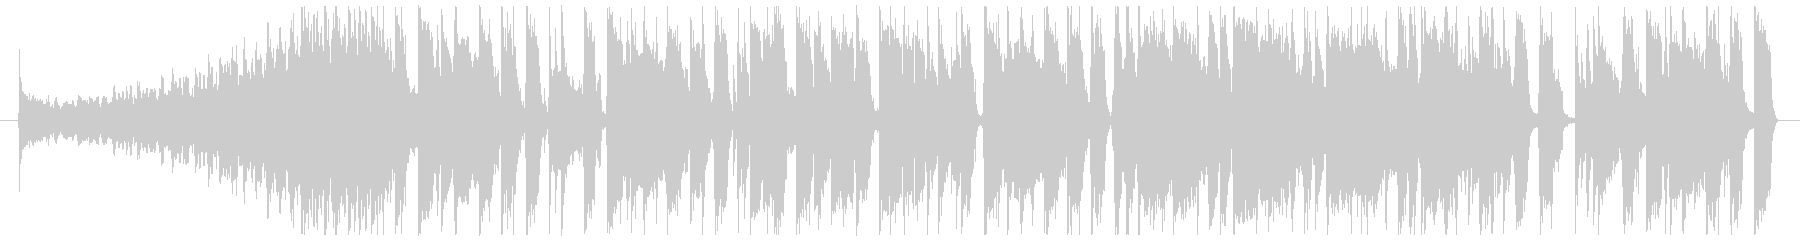 ワイルドなブルージーロックBGM 35秒の未再生の波形